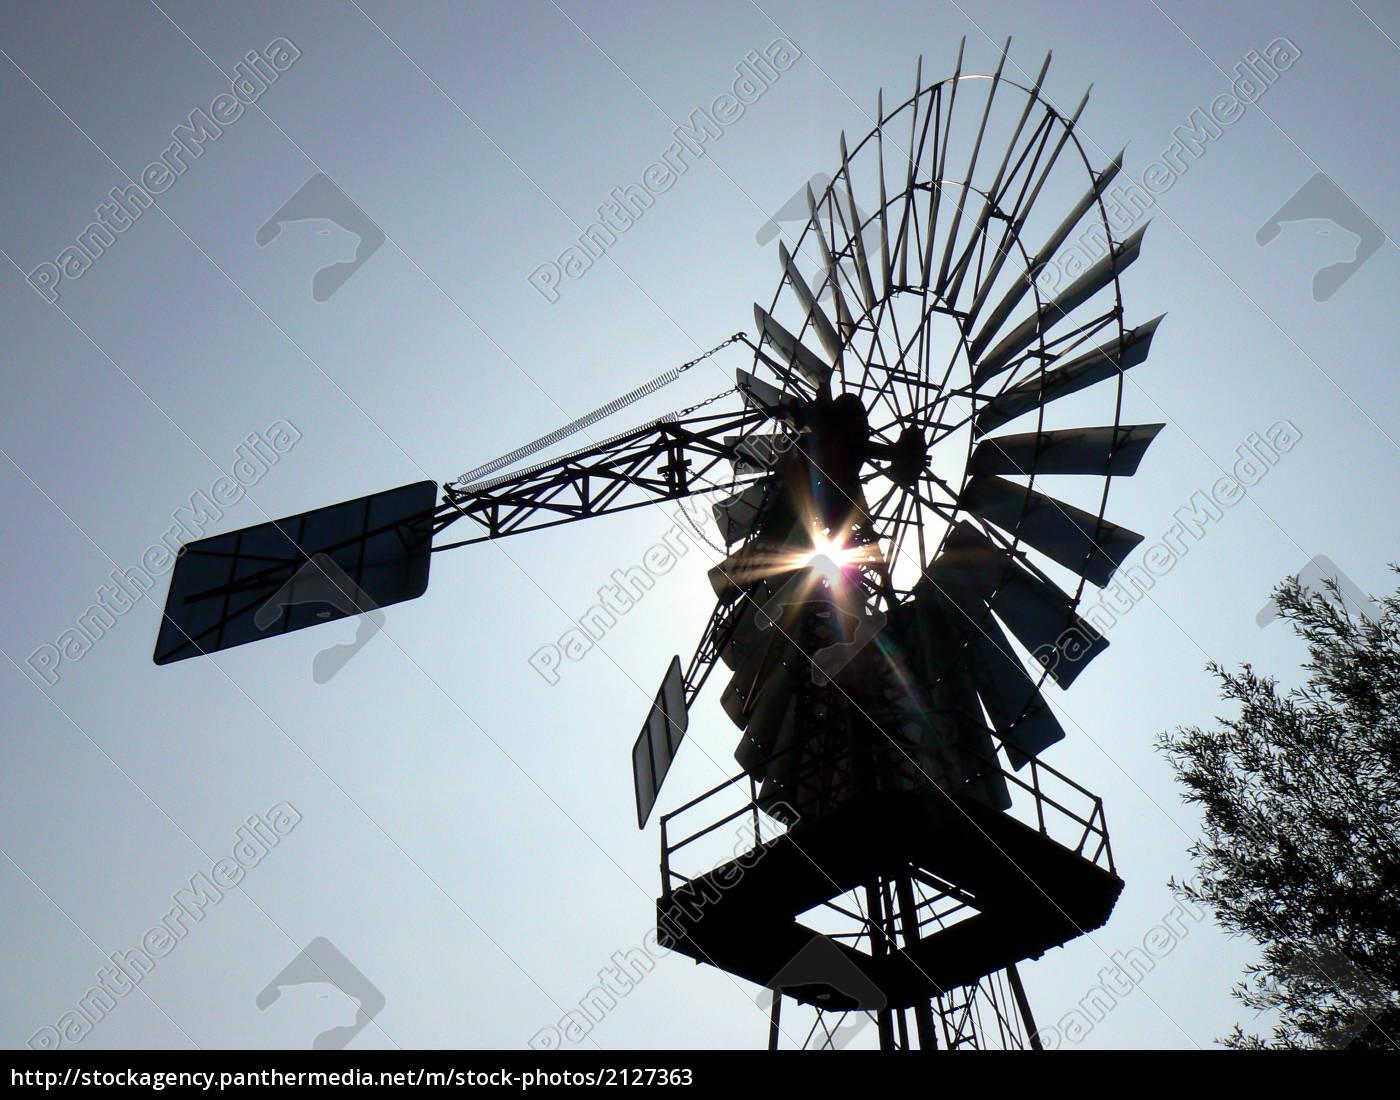 windschöpfwerk, lobbe, im, gegenlicht - 2127363